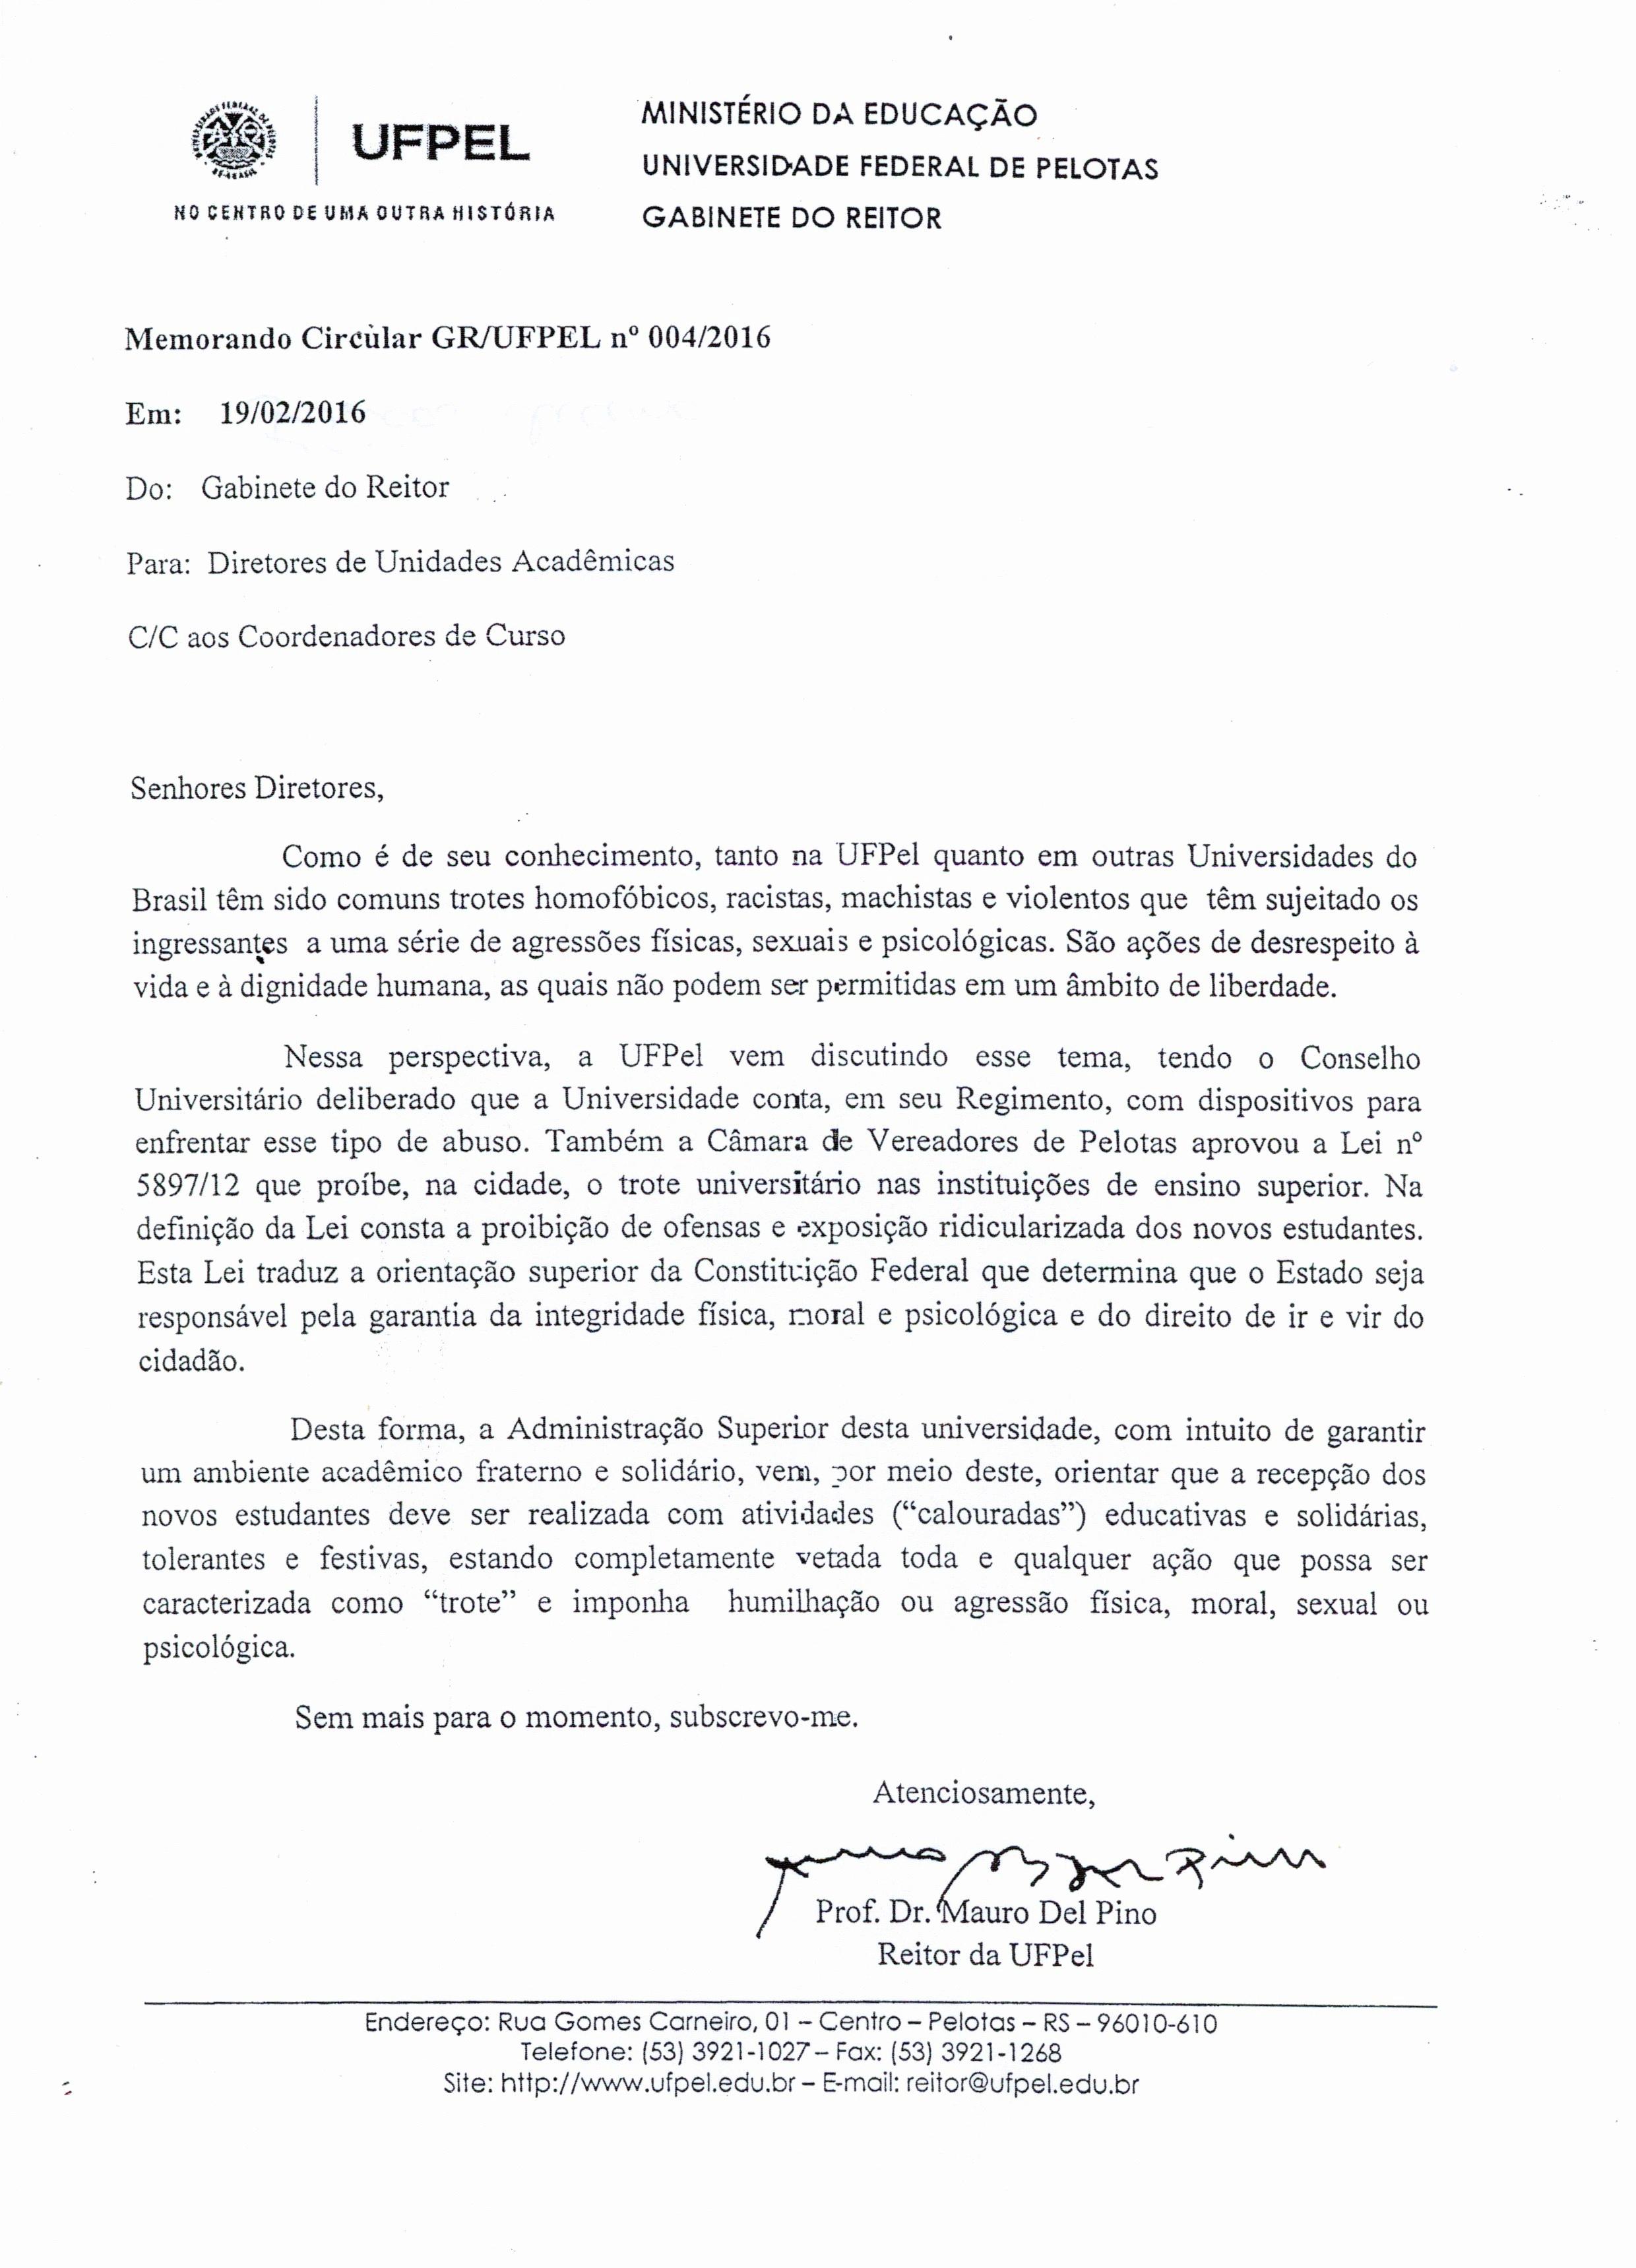 Memorando Circular 004-2016_Gabinete do Reitor